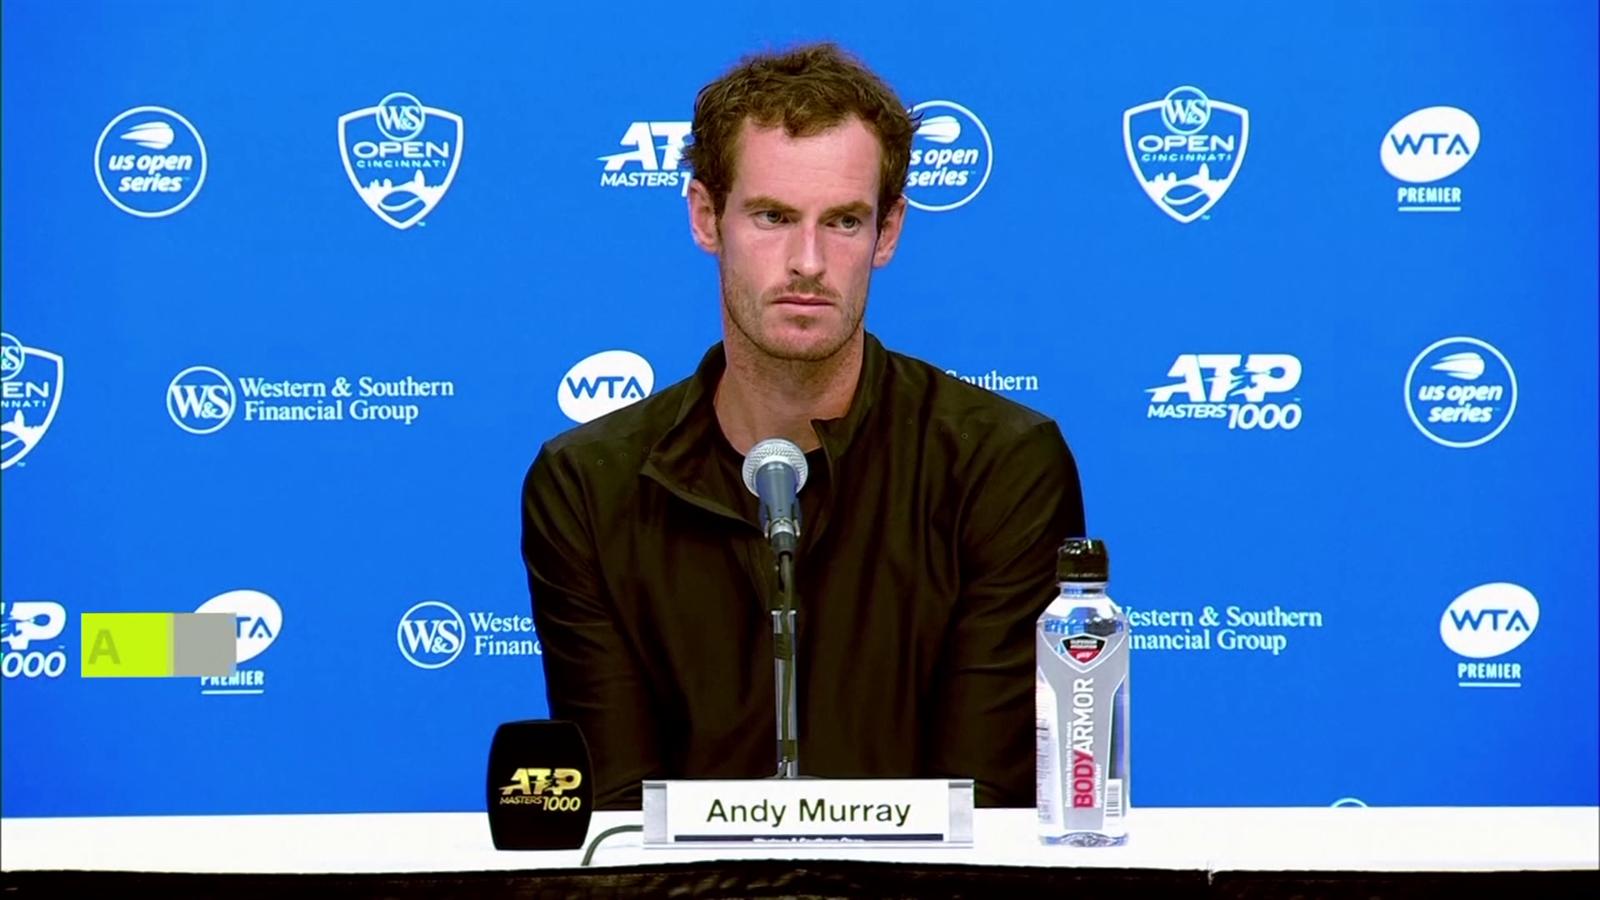 U.S Open enkelspel te vroeg voor Andy Murray